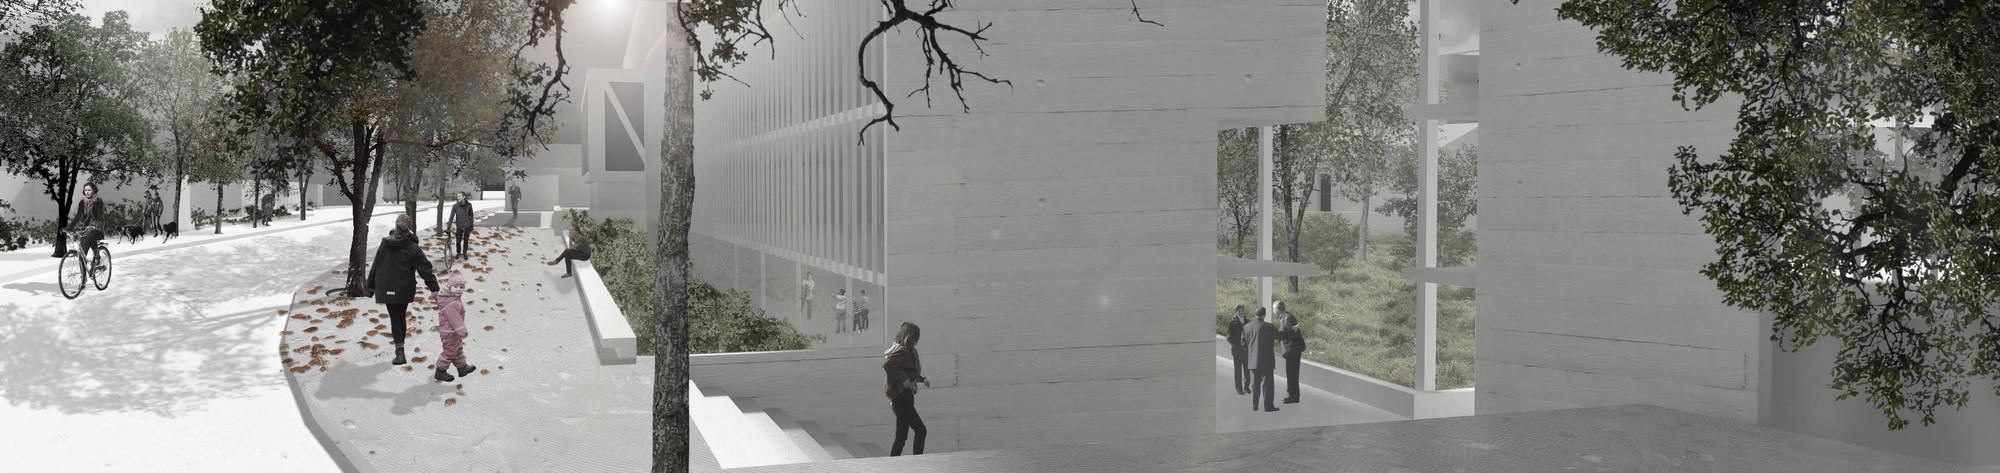 Plazuela El Comendador. Image Cortesia de Baixas & del Río Arquitectos